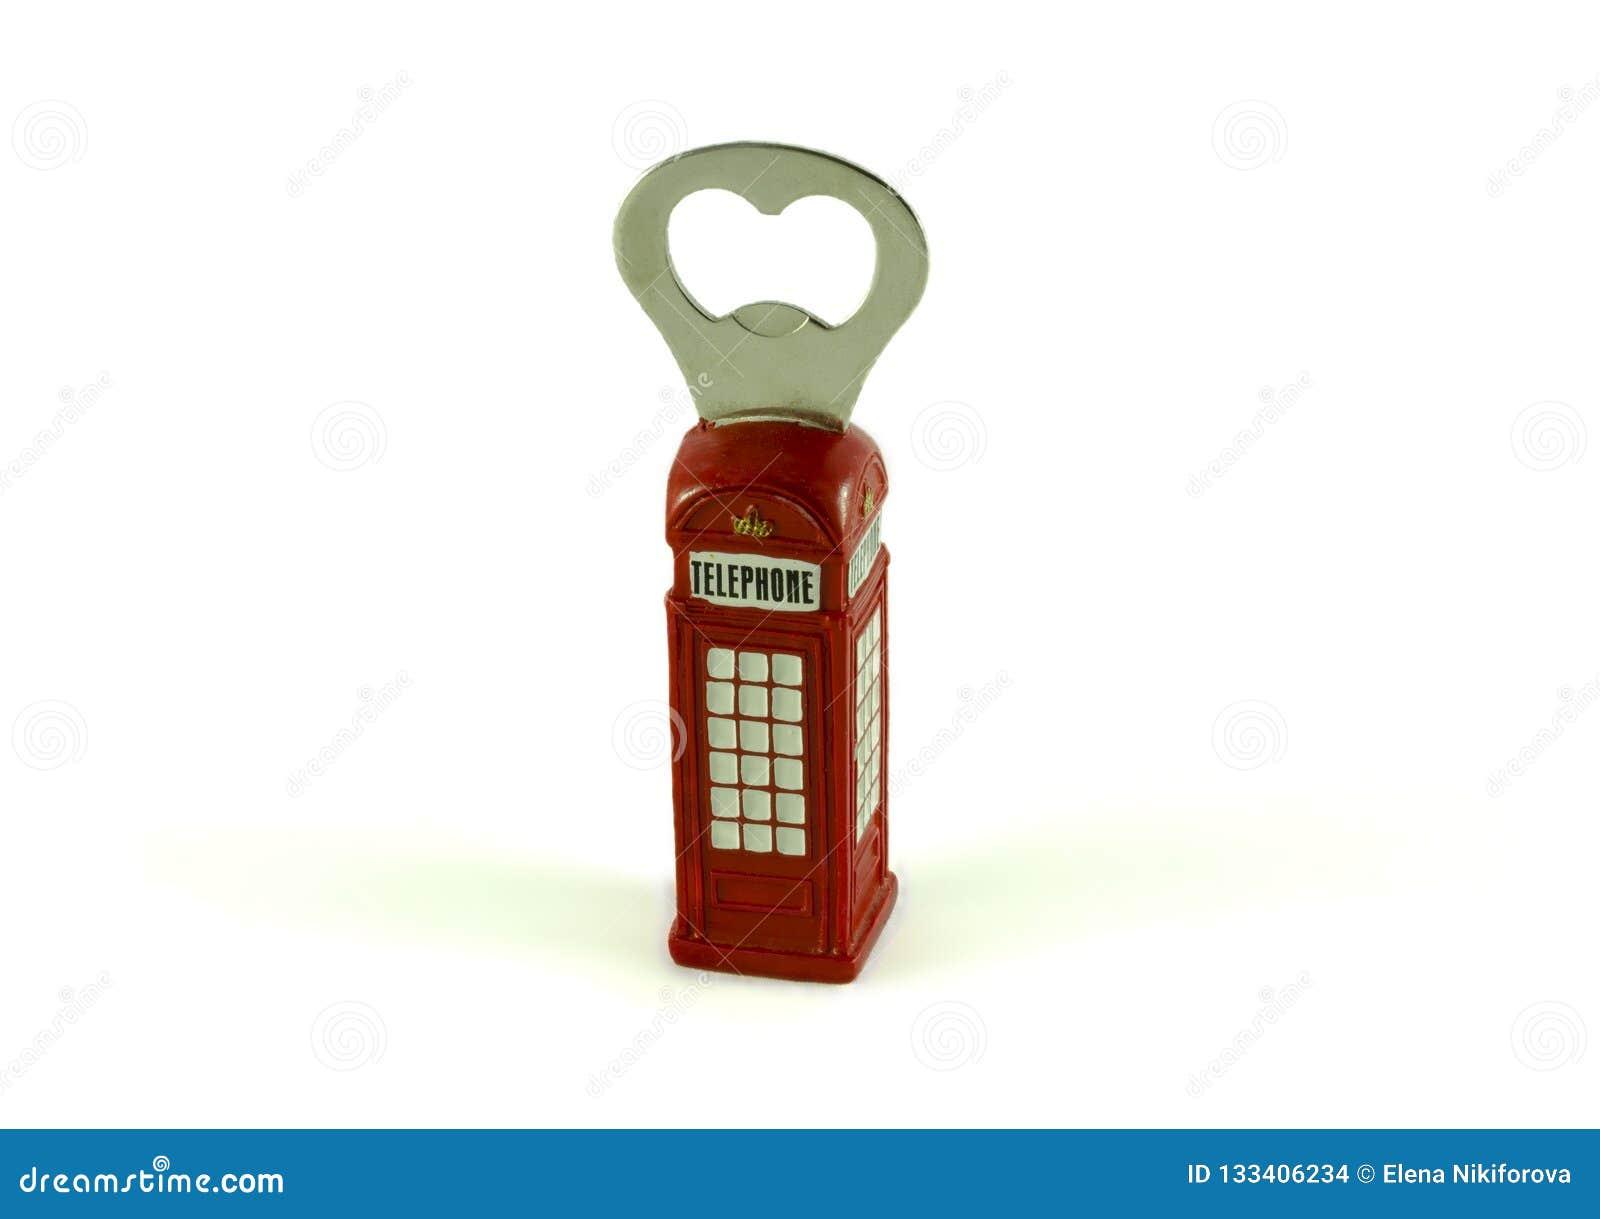 Ανοιχτήρι μπουκαλιών με μορφή ενός τηλεφωνικού θαλάμου